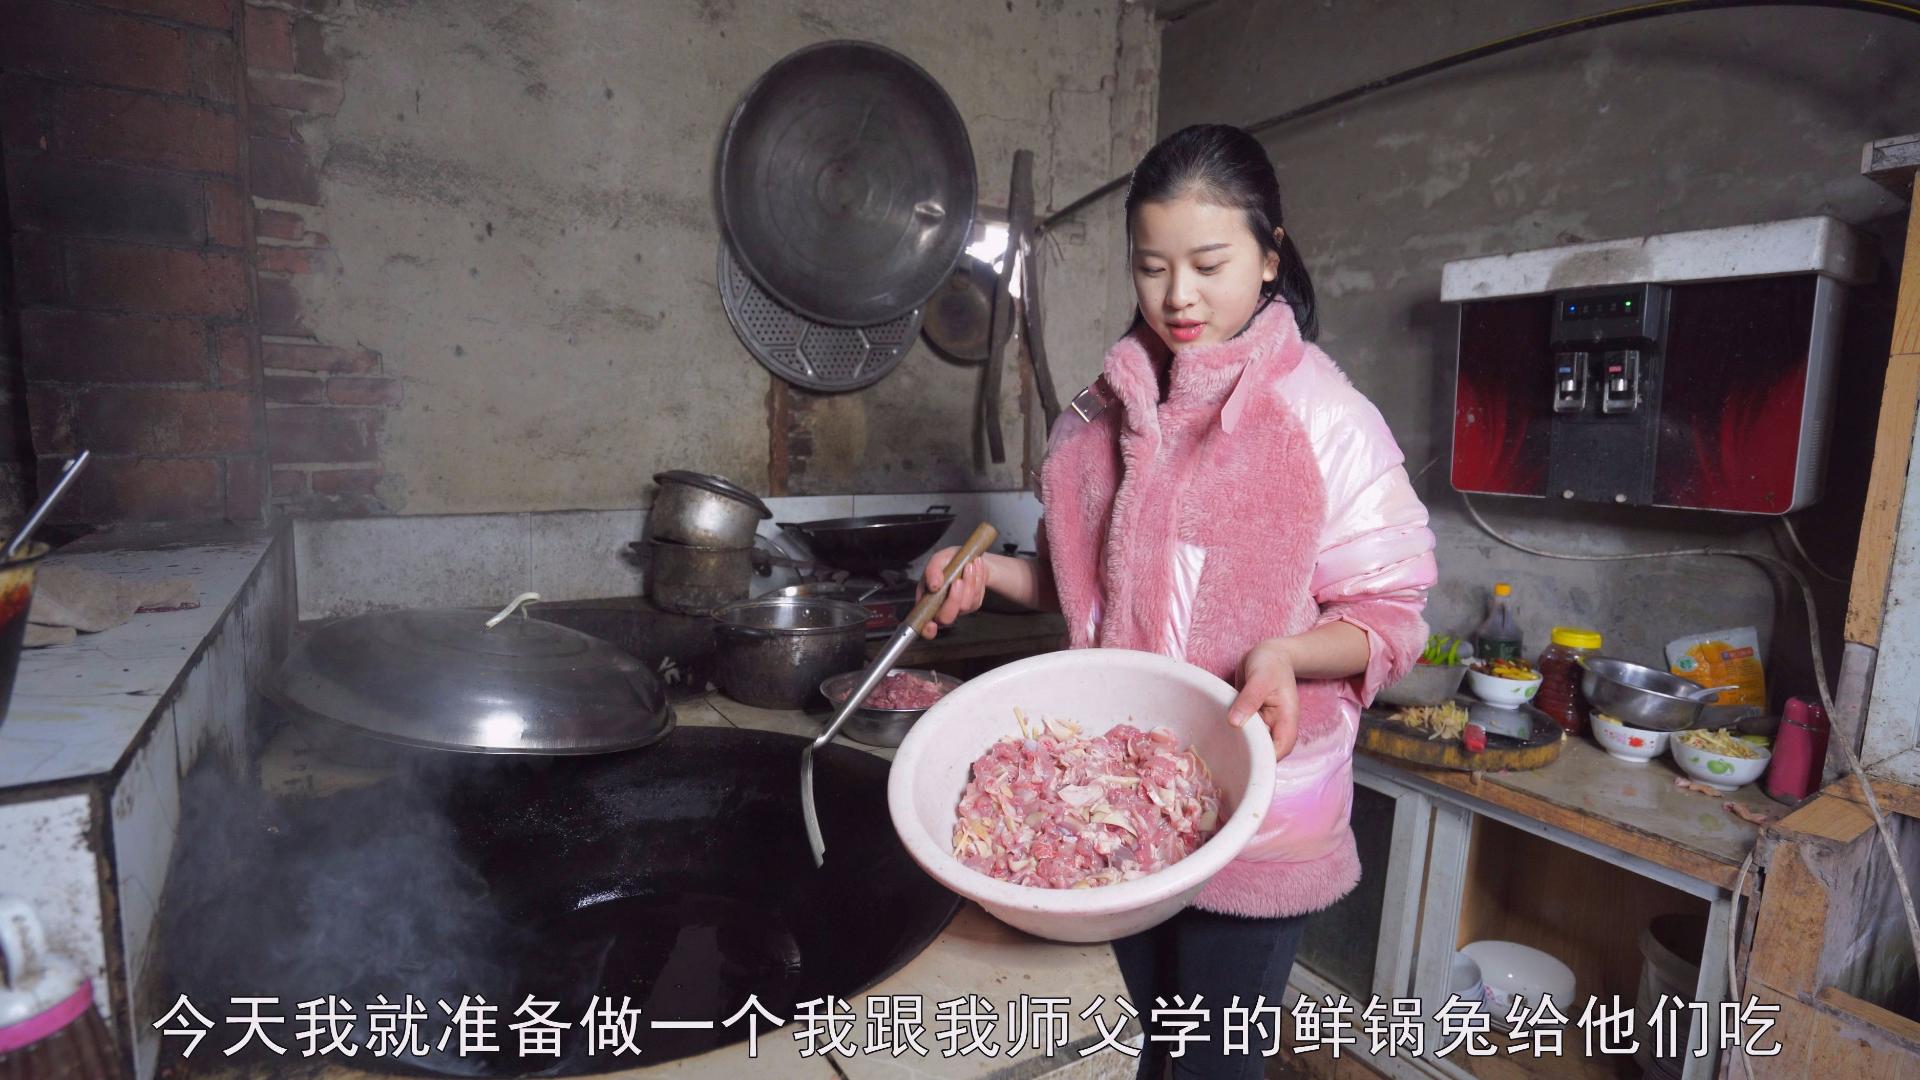 漆二娃vlog:冬至了回家给爸爸妈妈做一顿好吃的